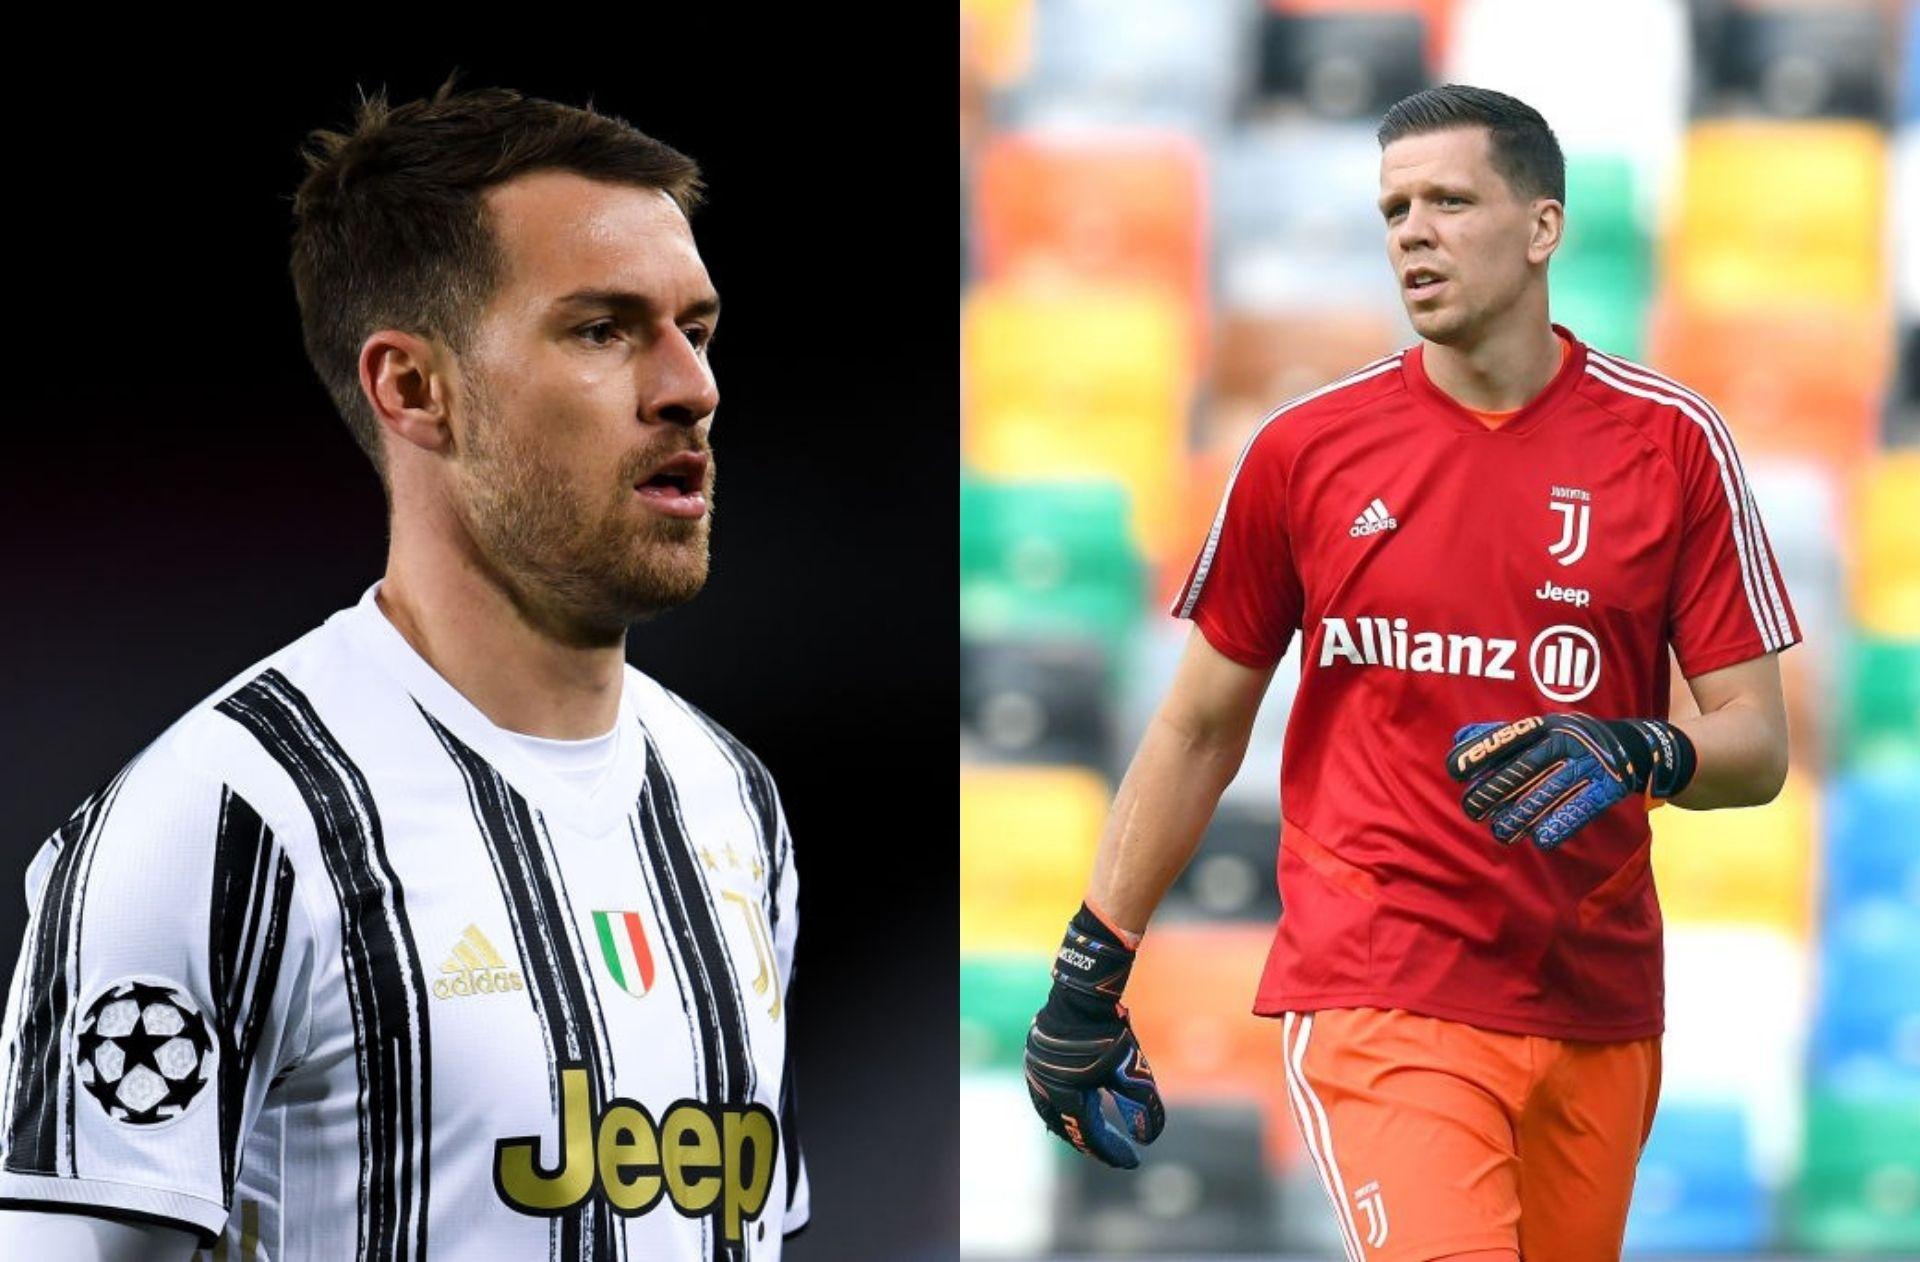 Ramsey, Juventus